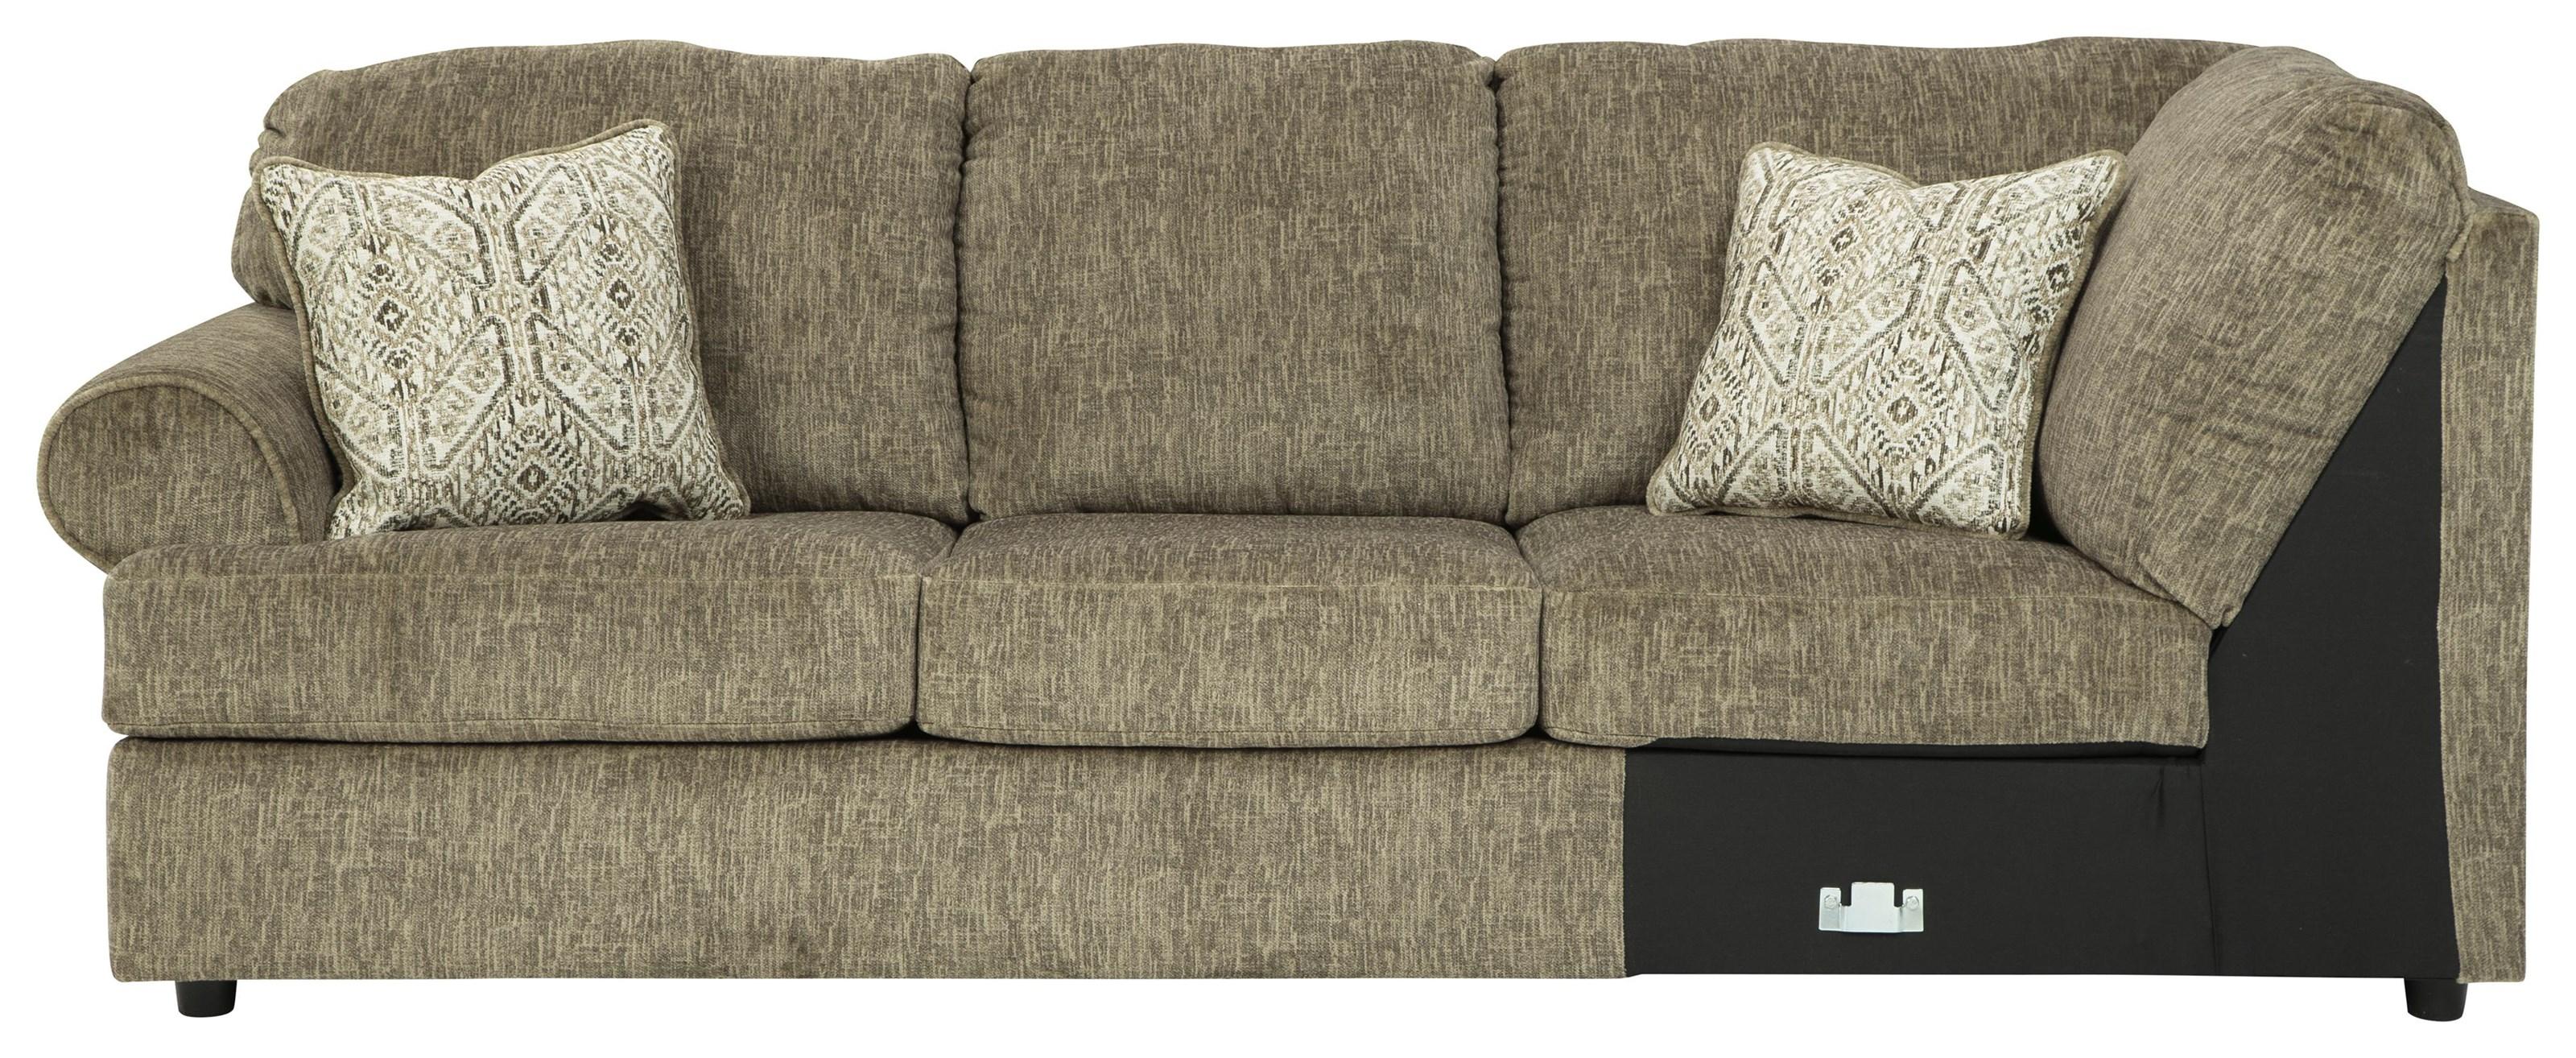 Hoylake Left Arm Facing Sofa by Ashley Furniture at Johnny Janosik